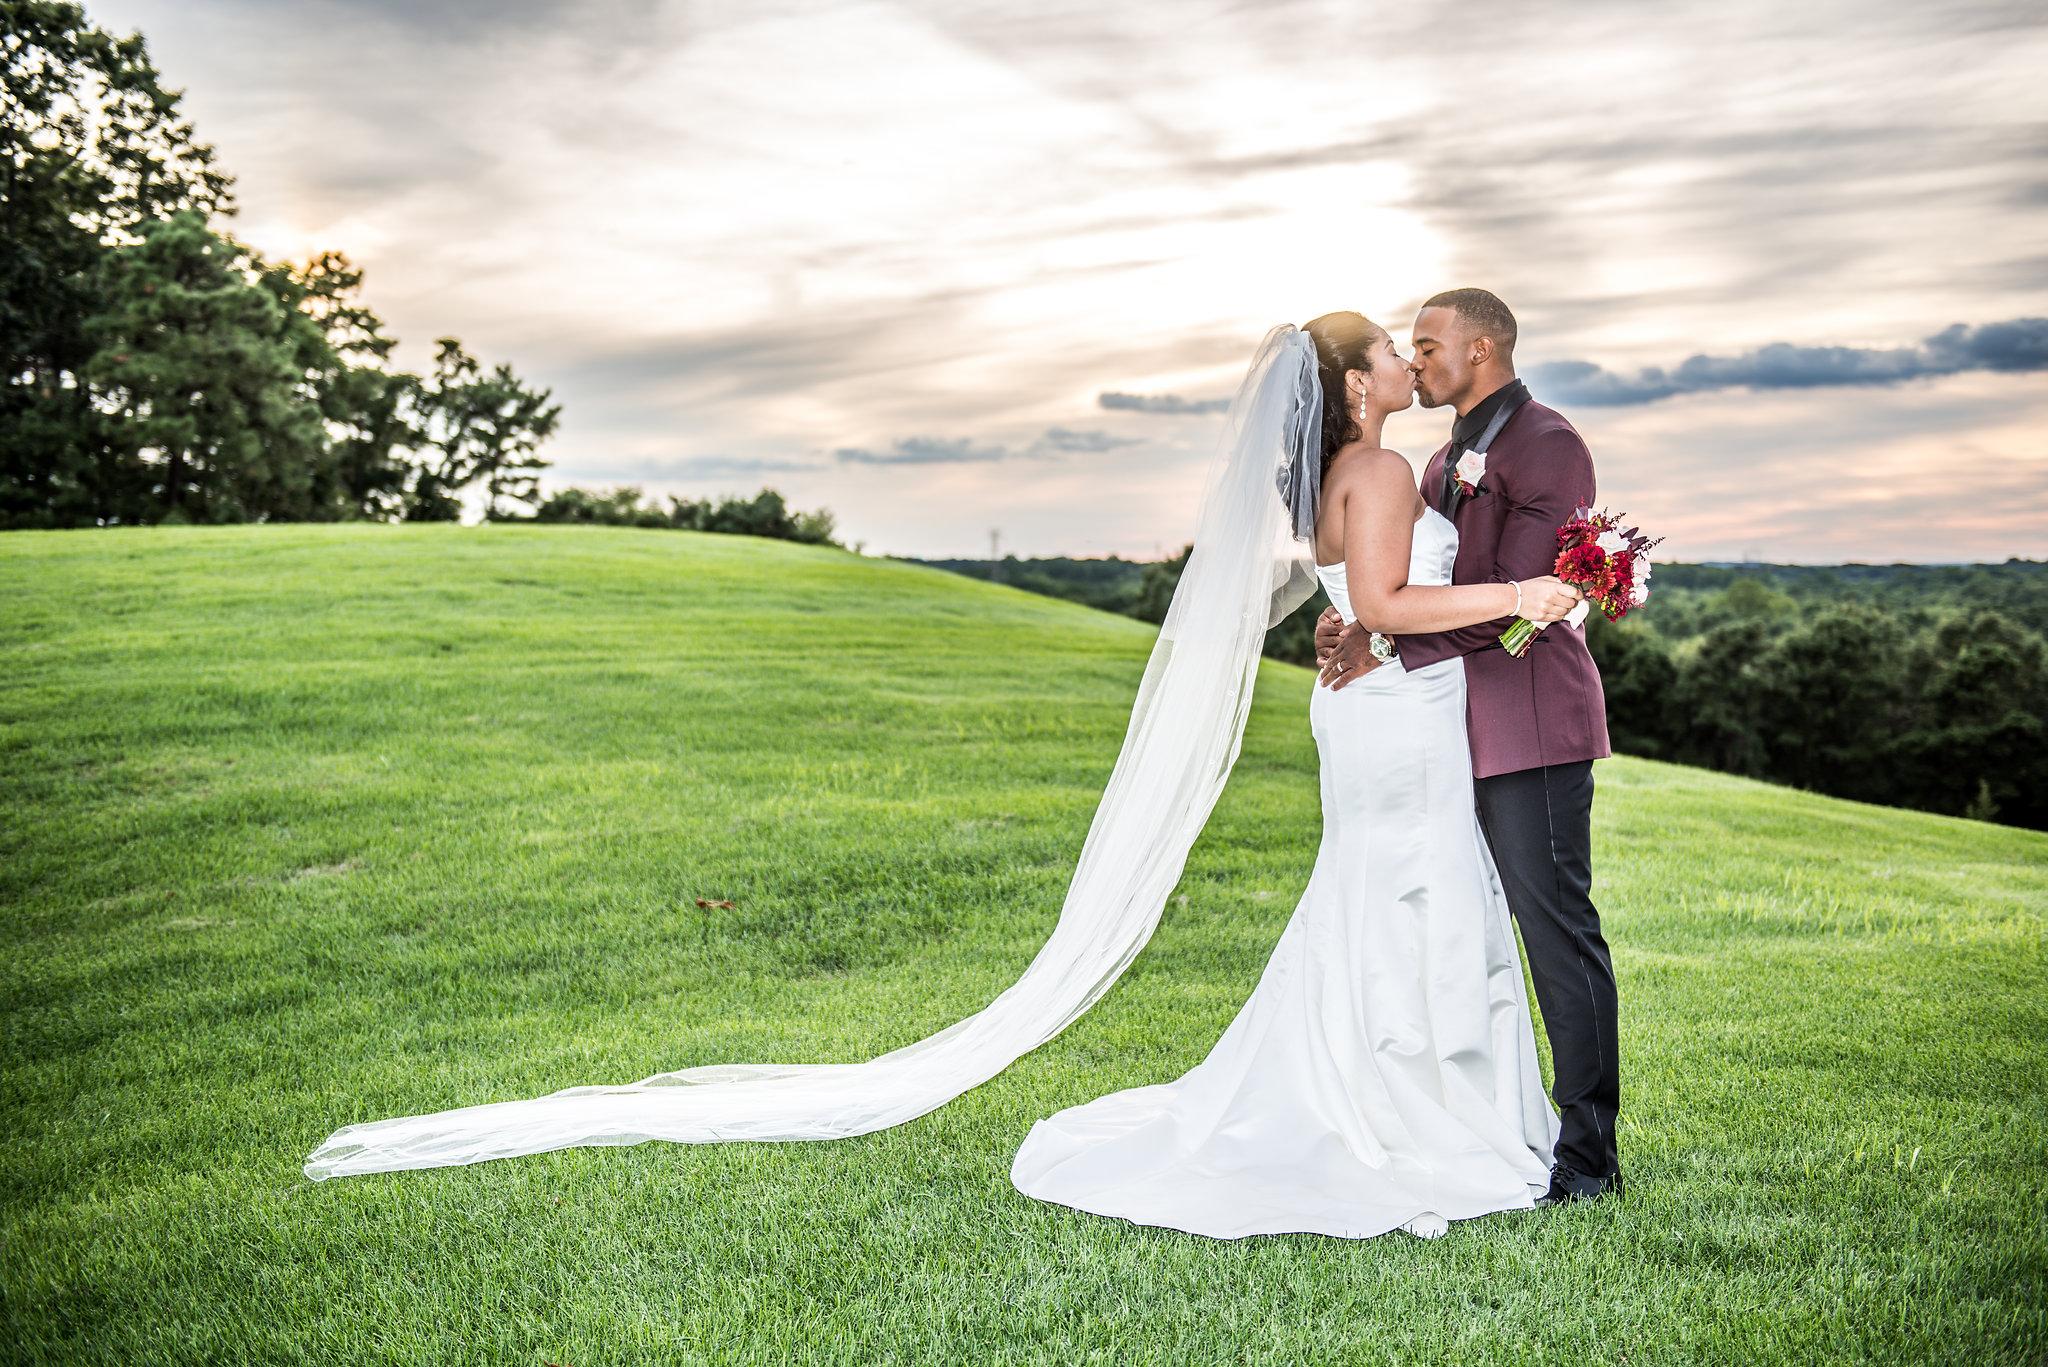 trump-national-golf-club-wedding-videos